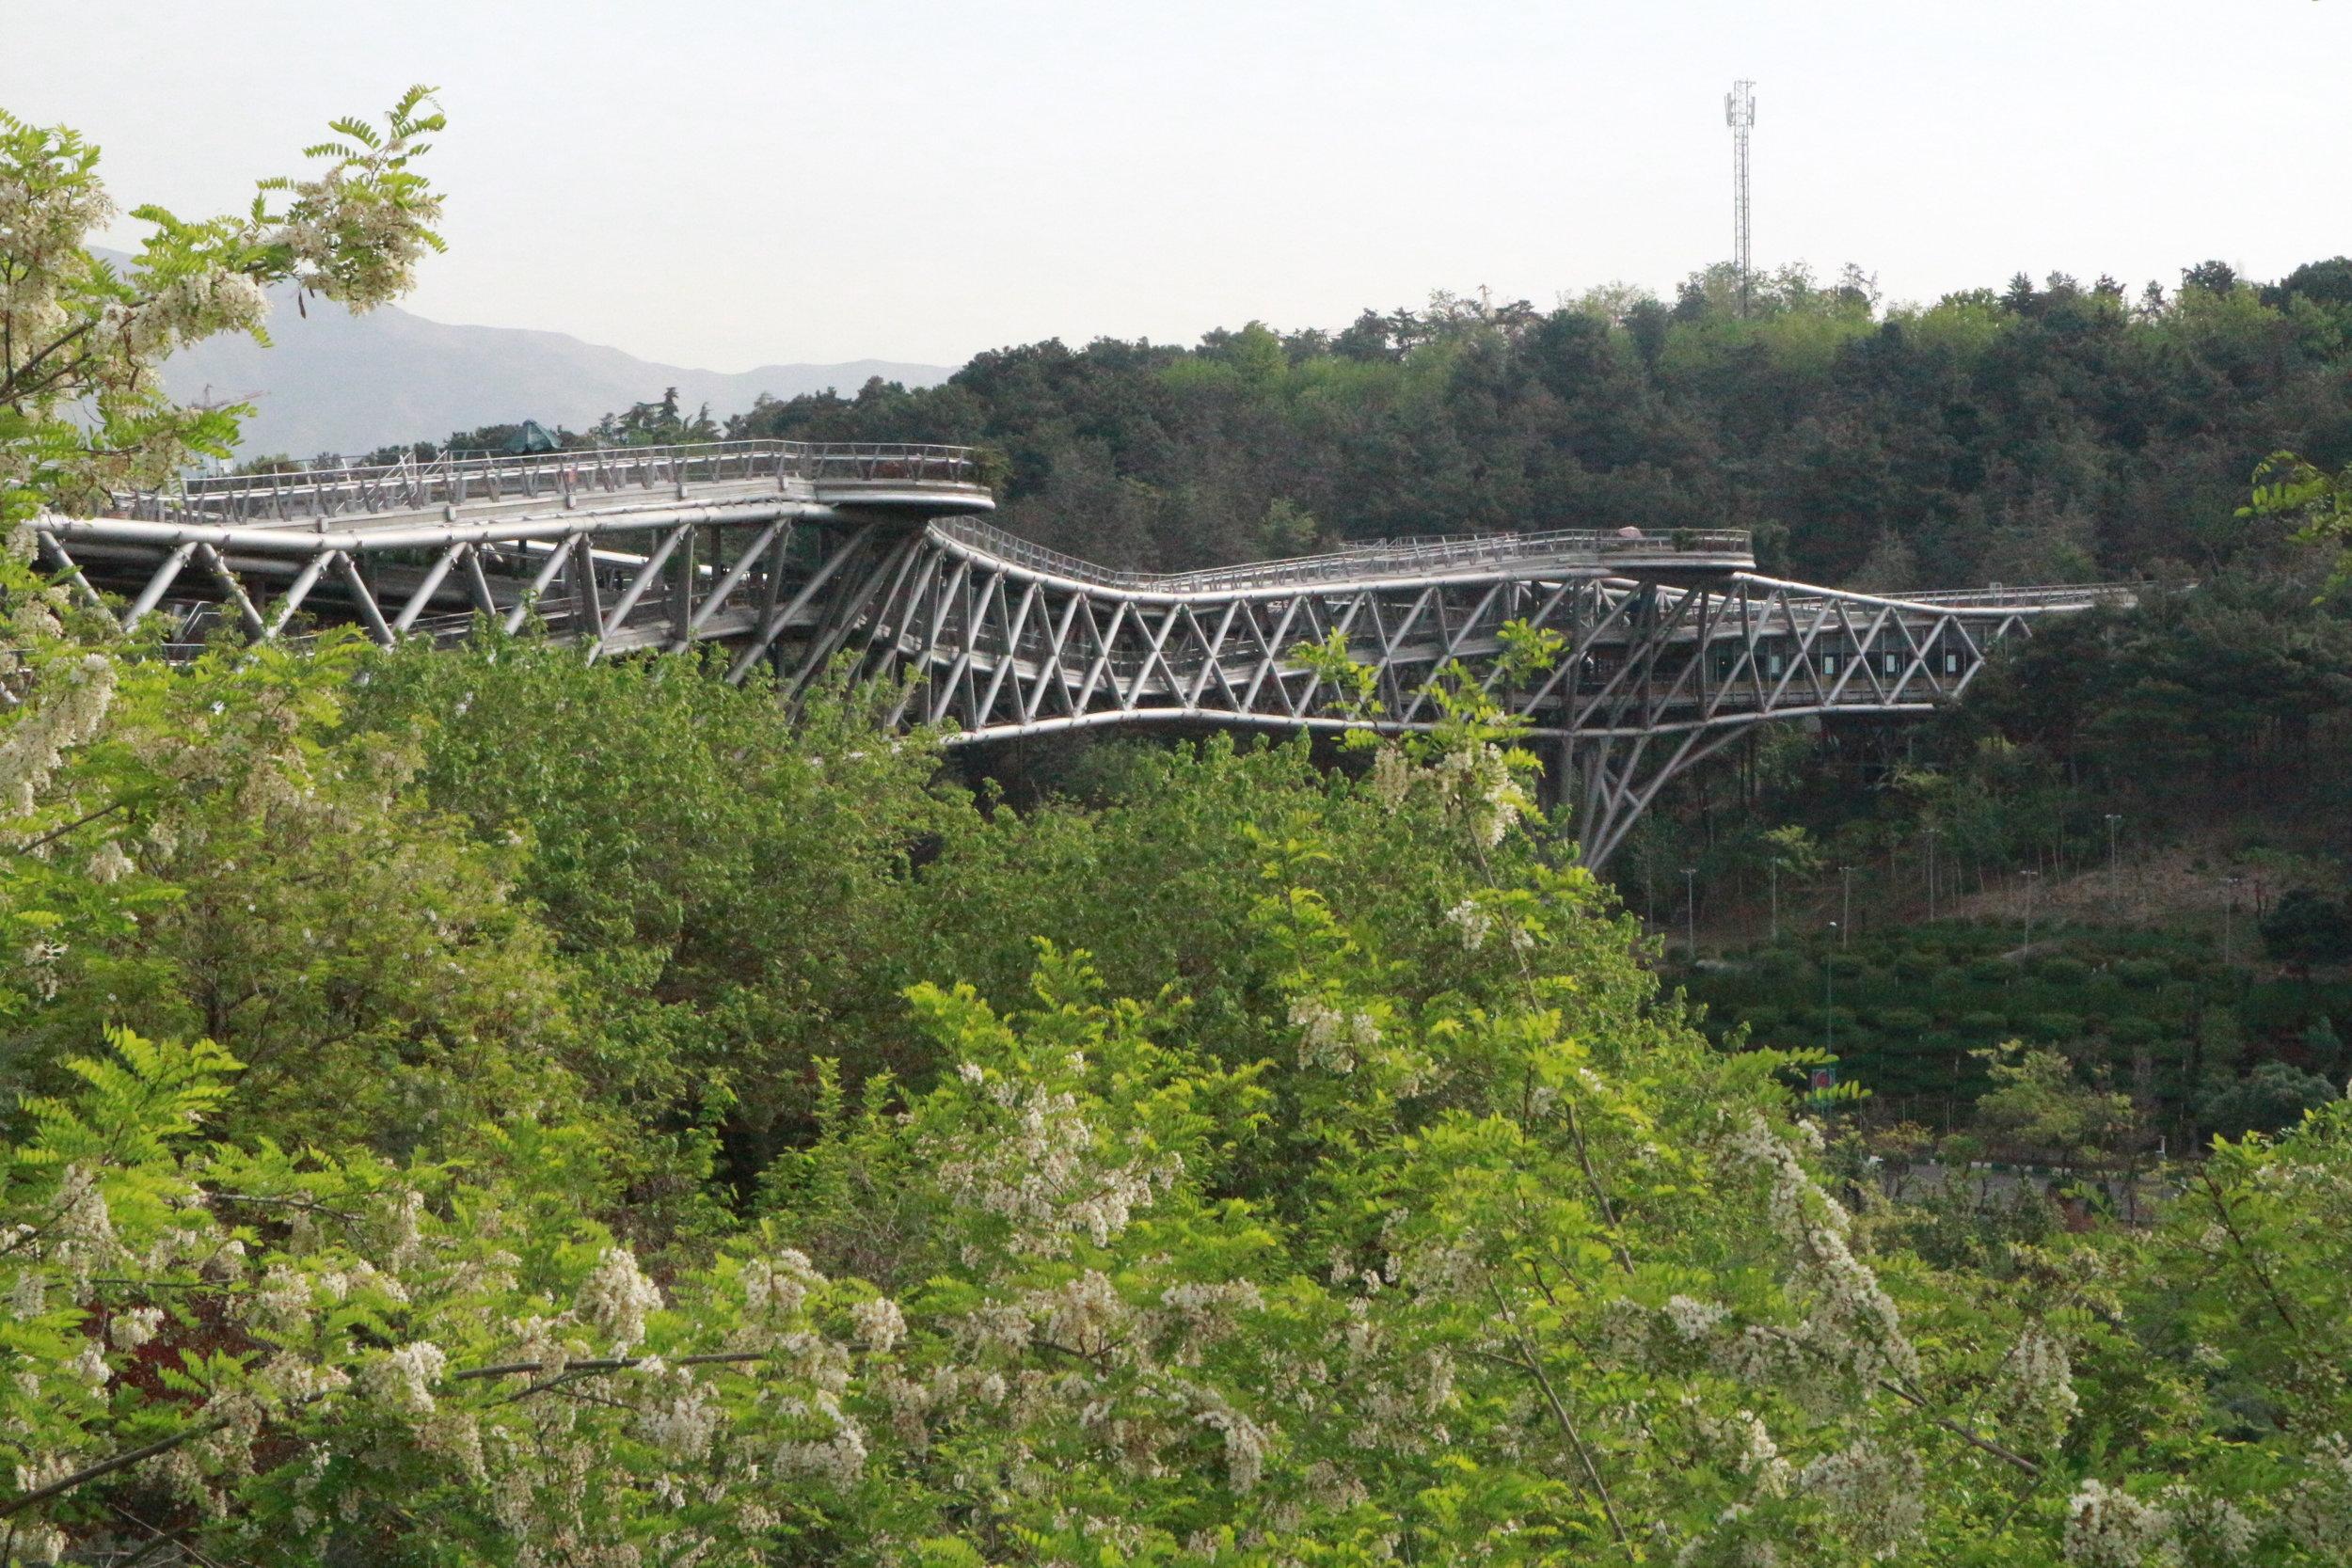 Tabiat Bridge, Tehran